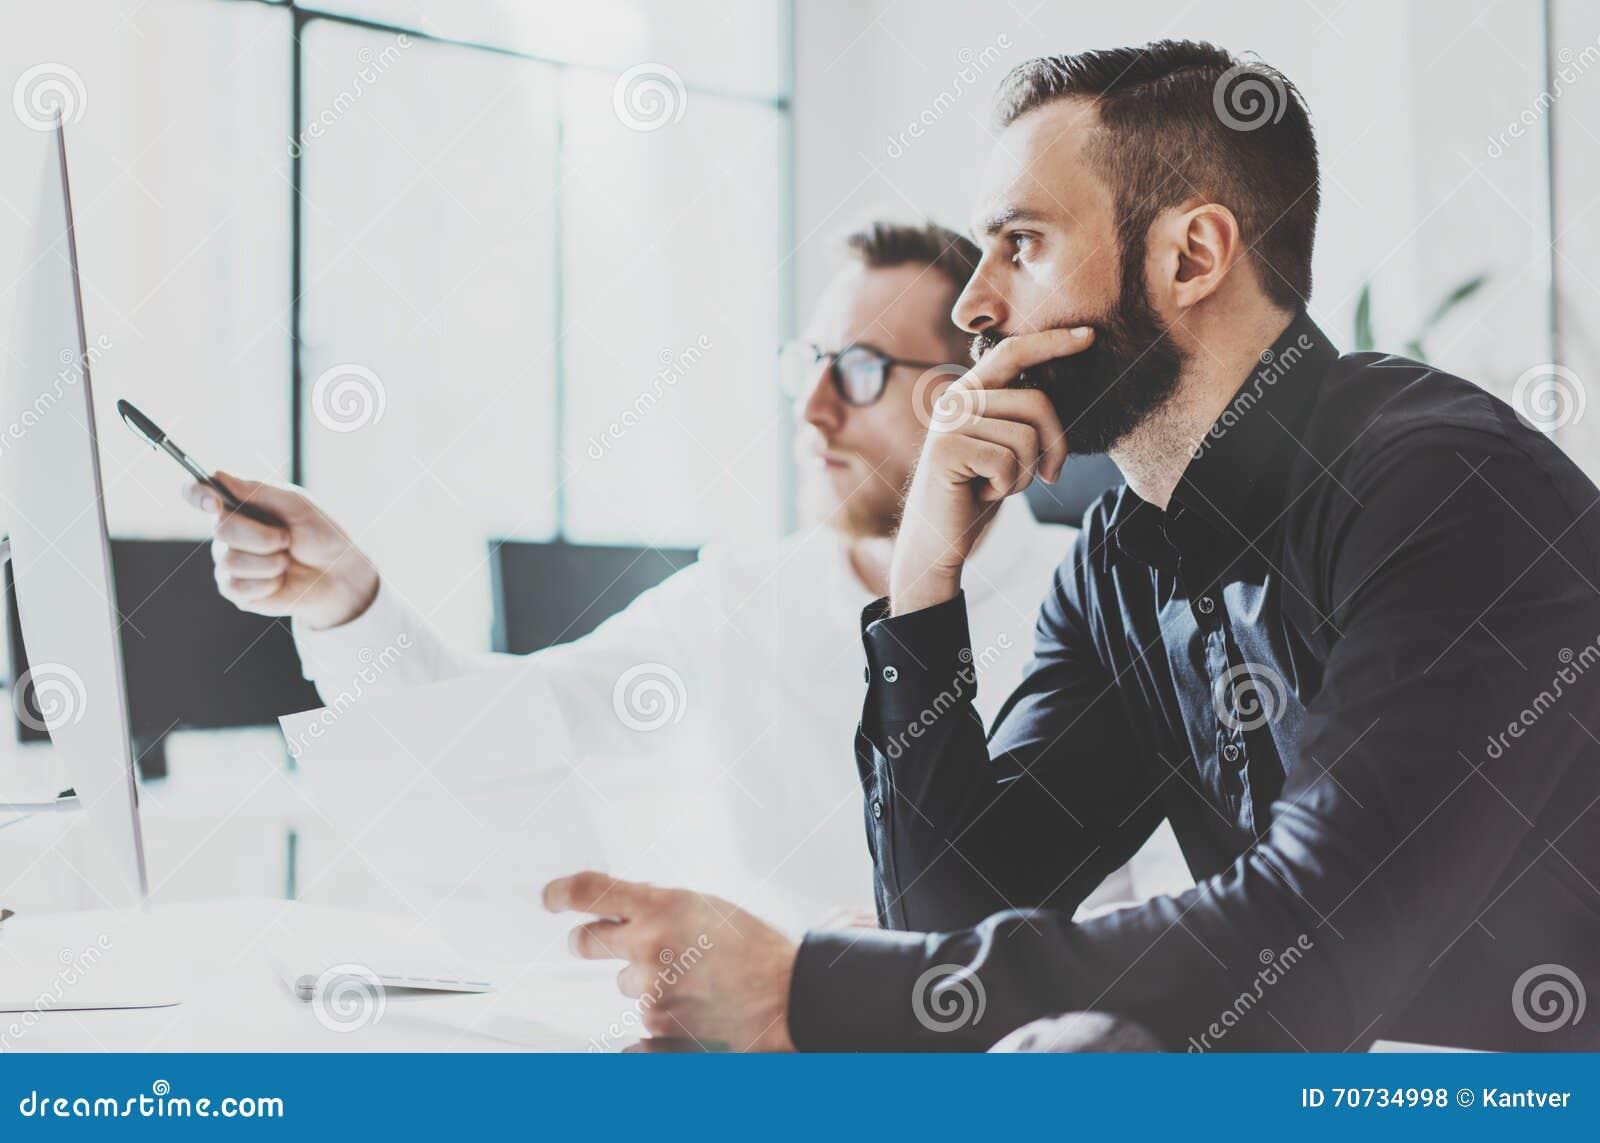 Coworking过程照片 帐户经理队工作新的想法 年轻企业乘员组与起始的现代办公室一起使用